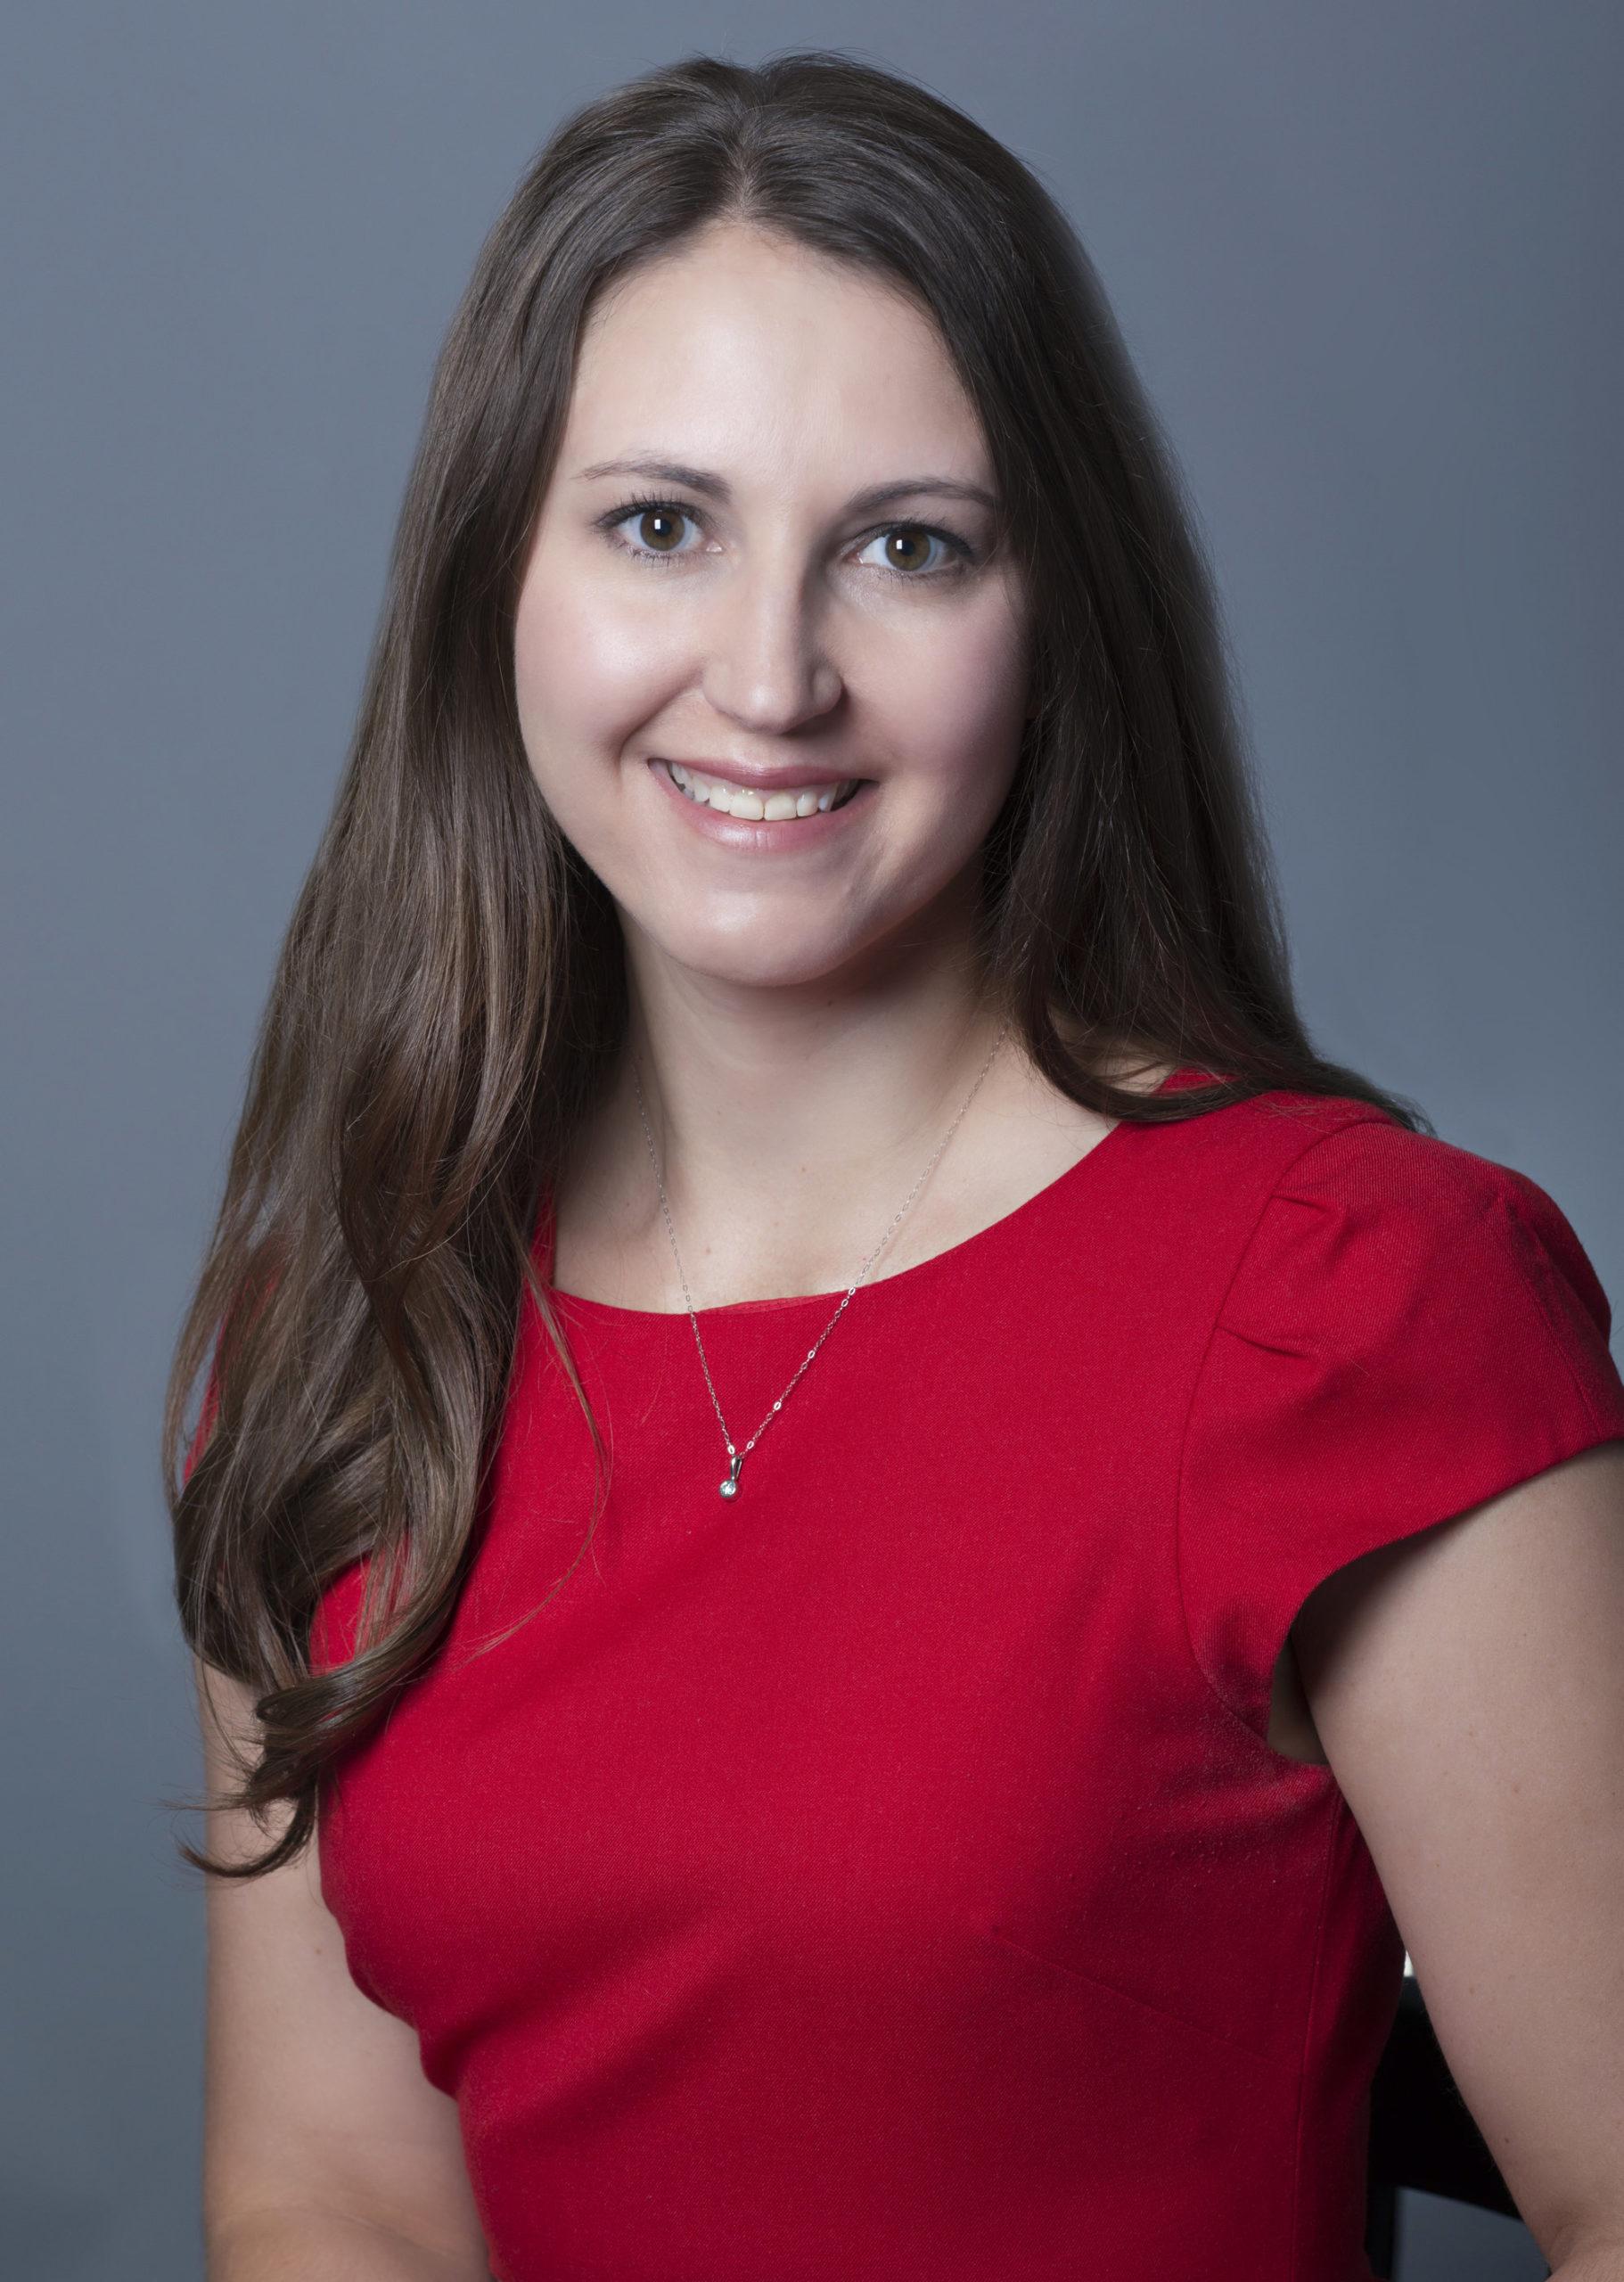 Sarah Canberg